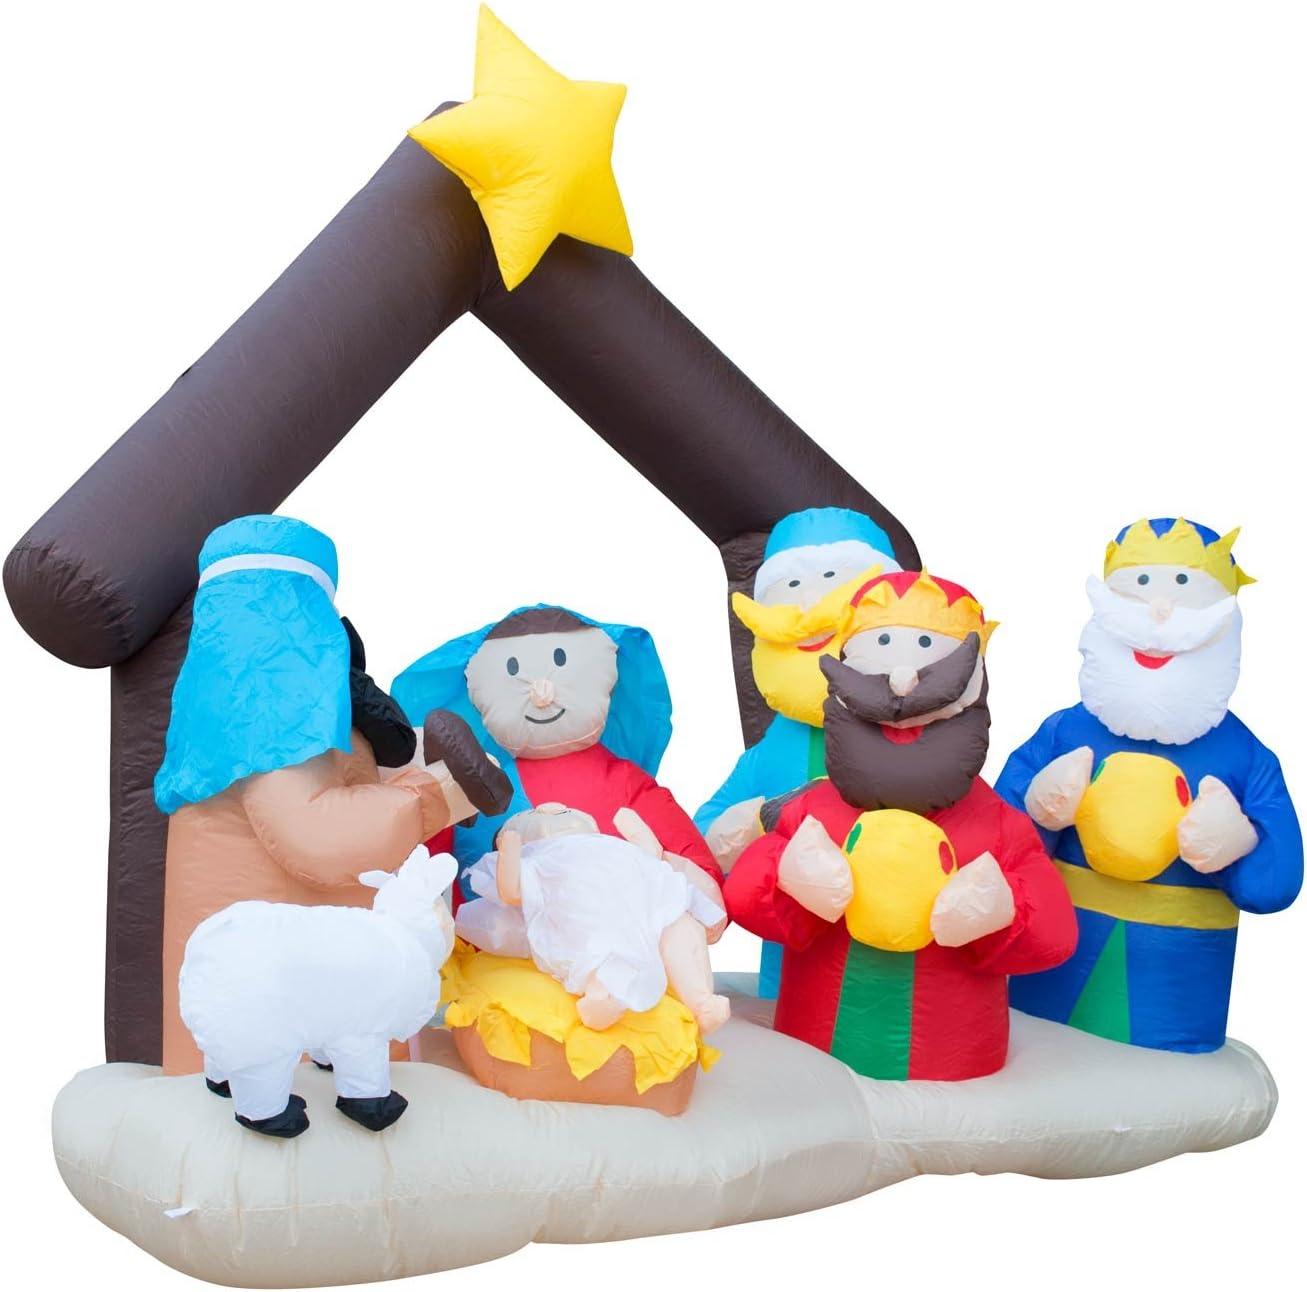 Amazon.com: holidayana Belén Navidad inflable gigante 6.5 ft ...